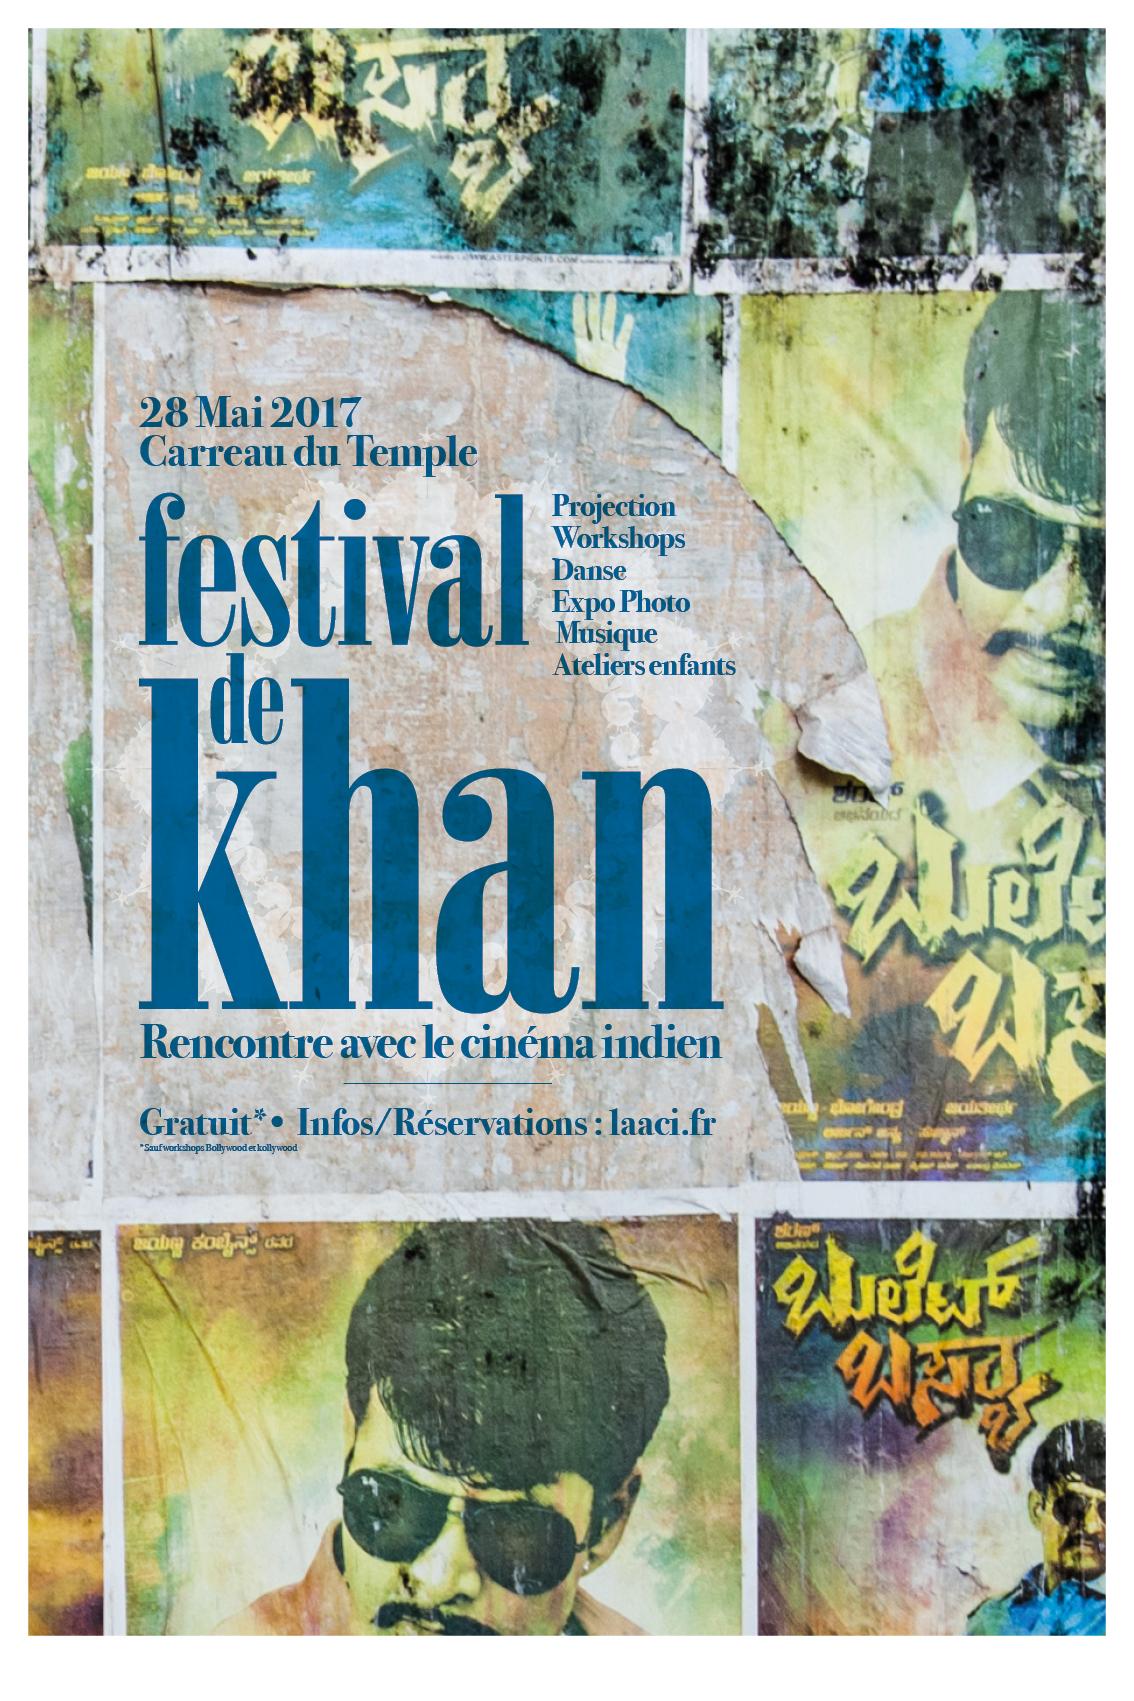 Evénement - Festival de Khan